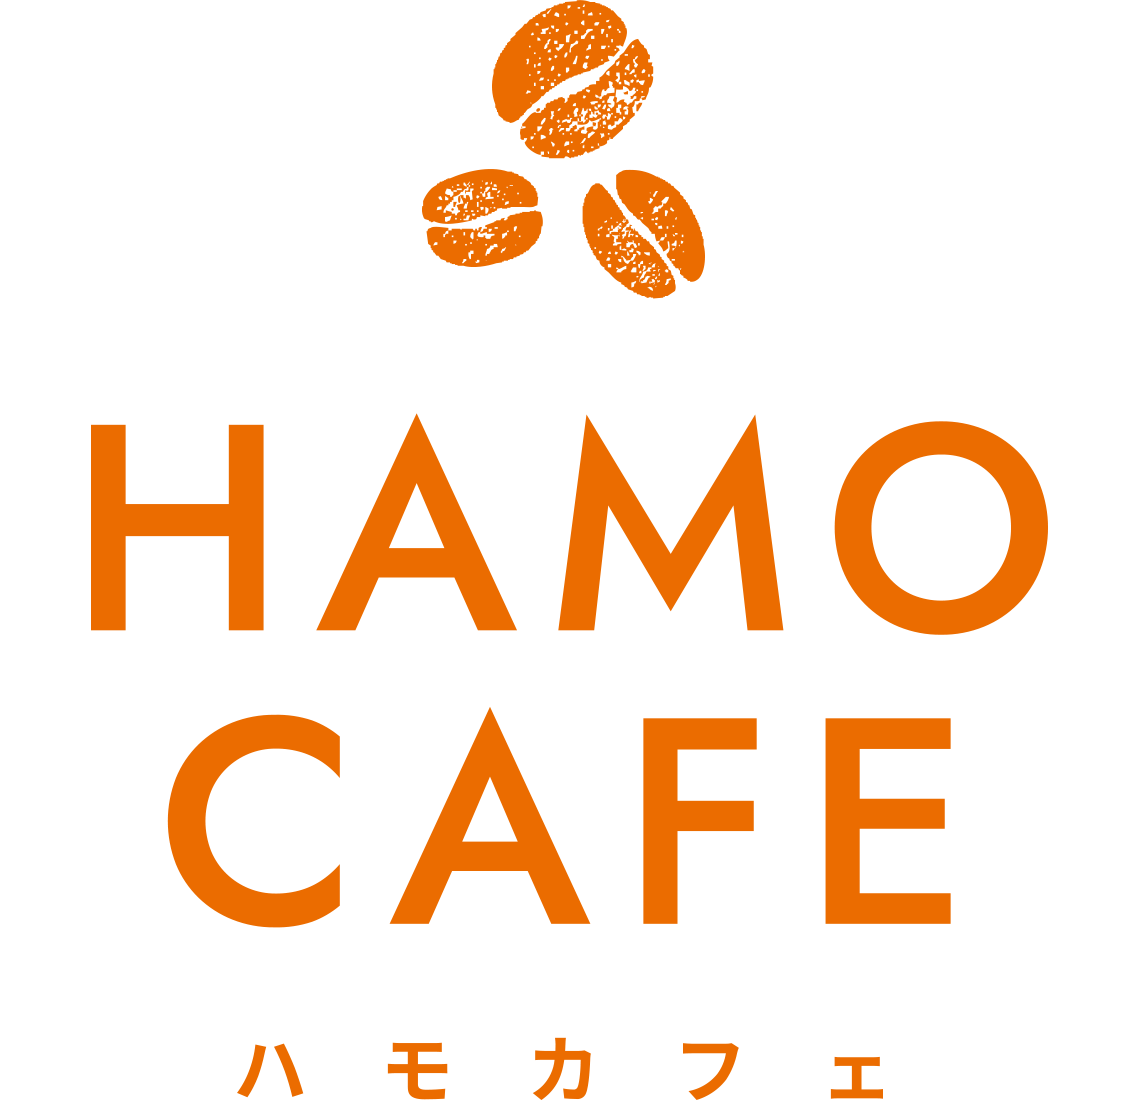 ハモカフェ